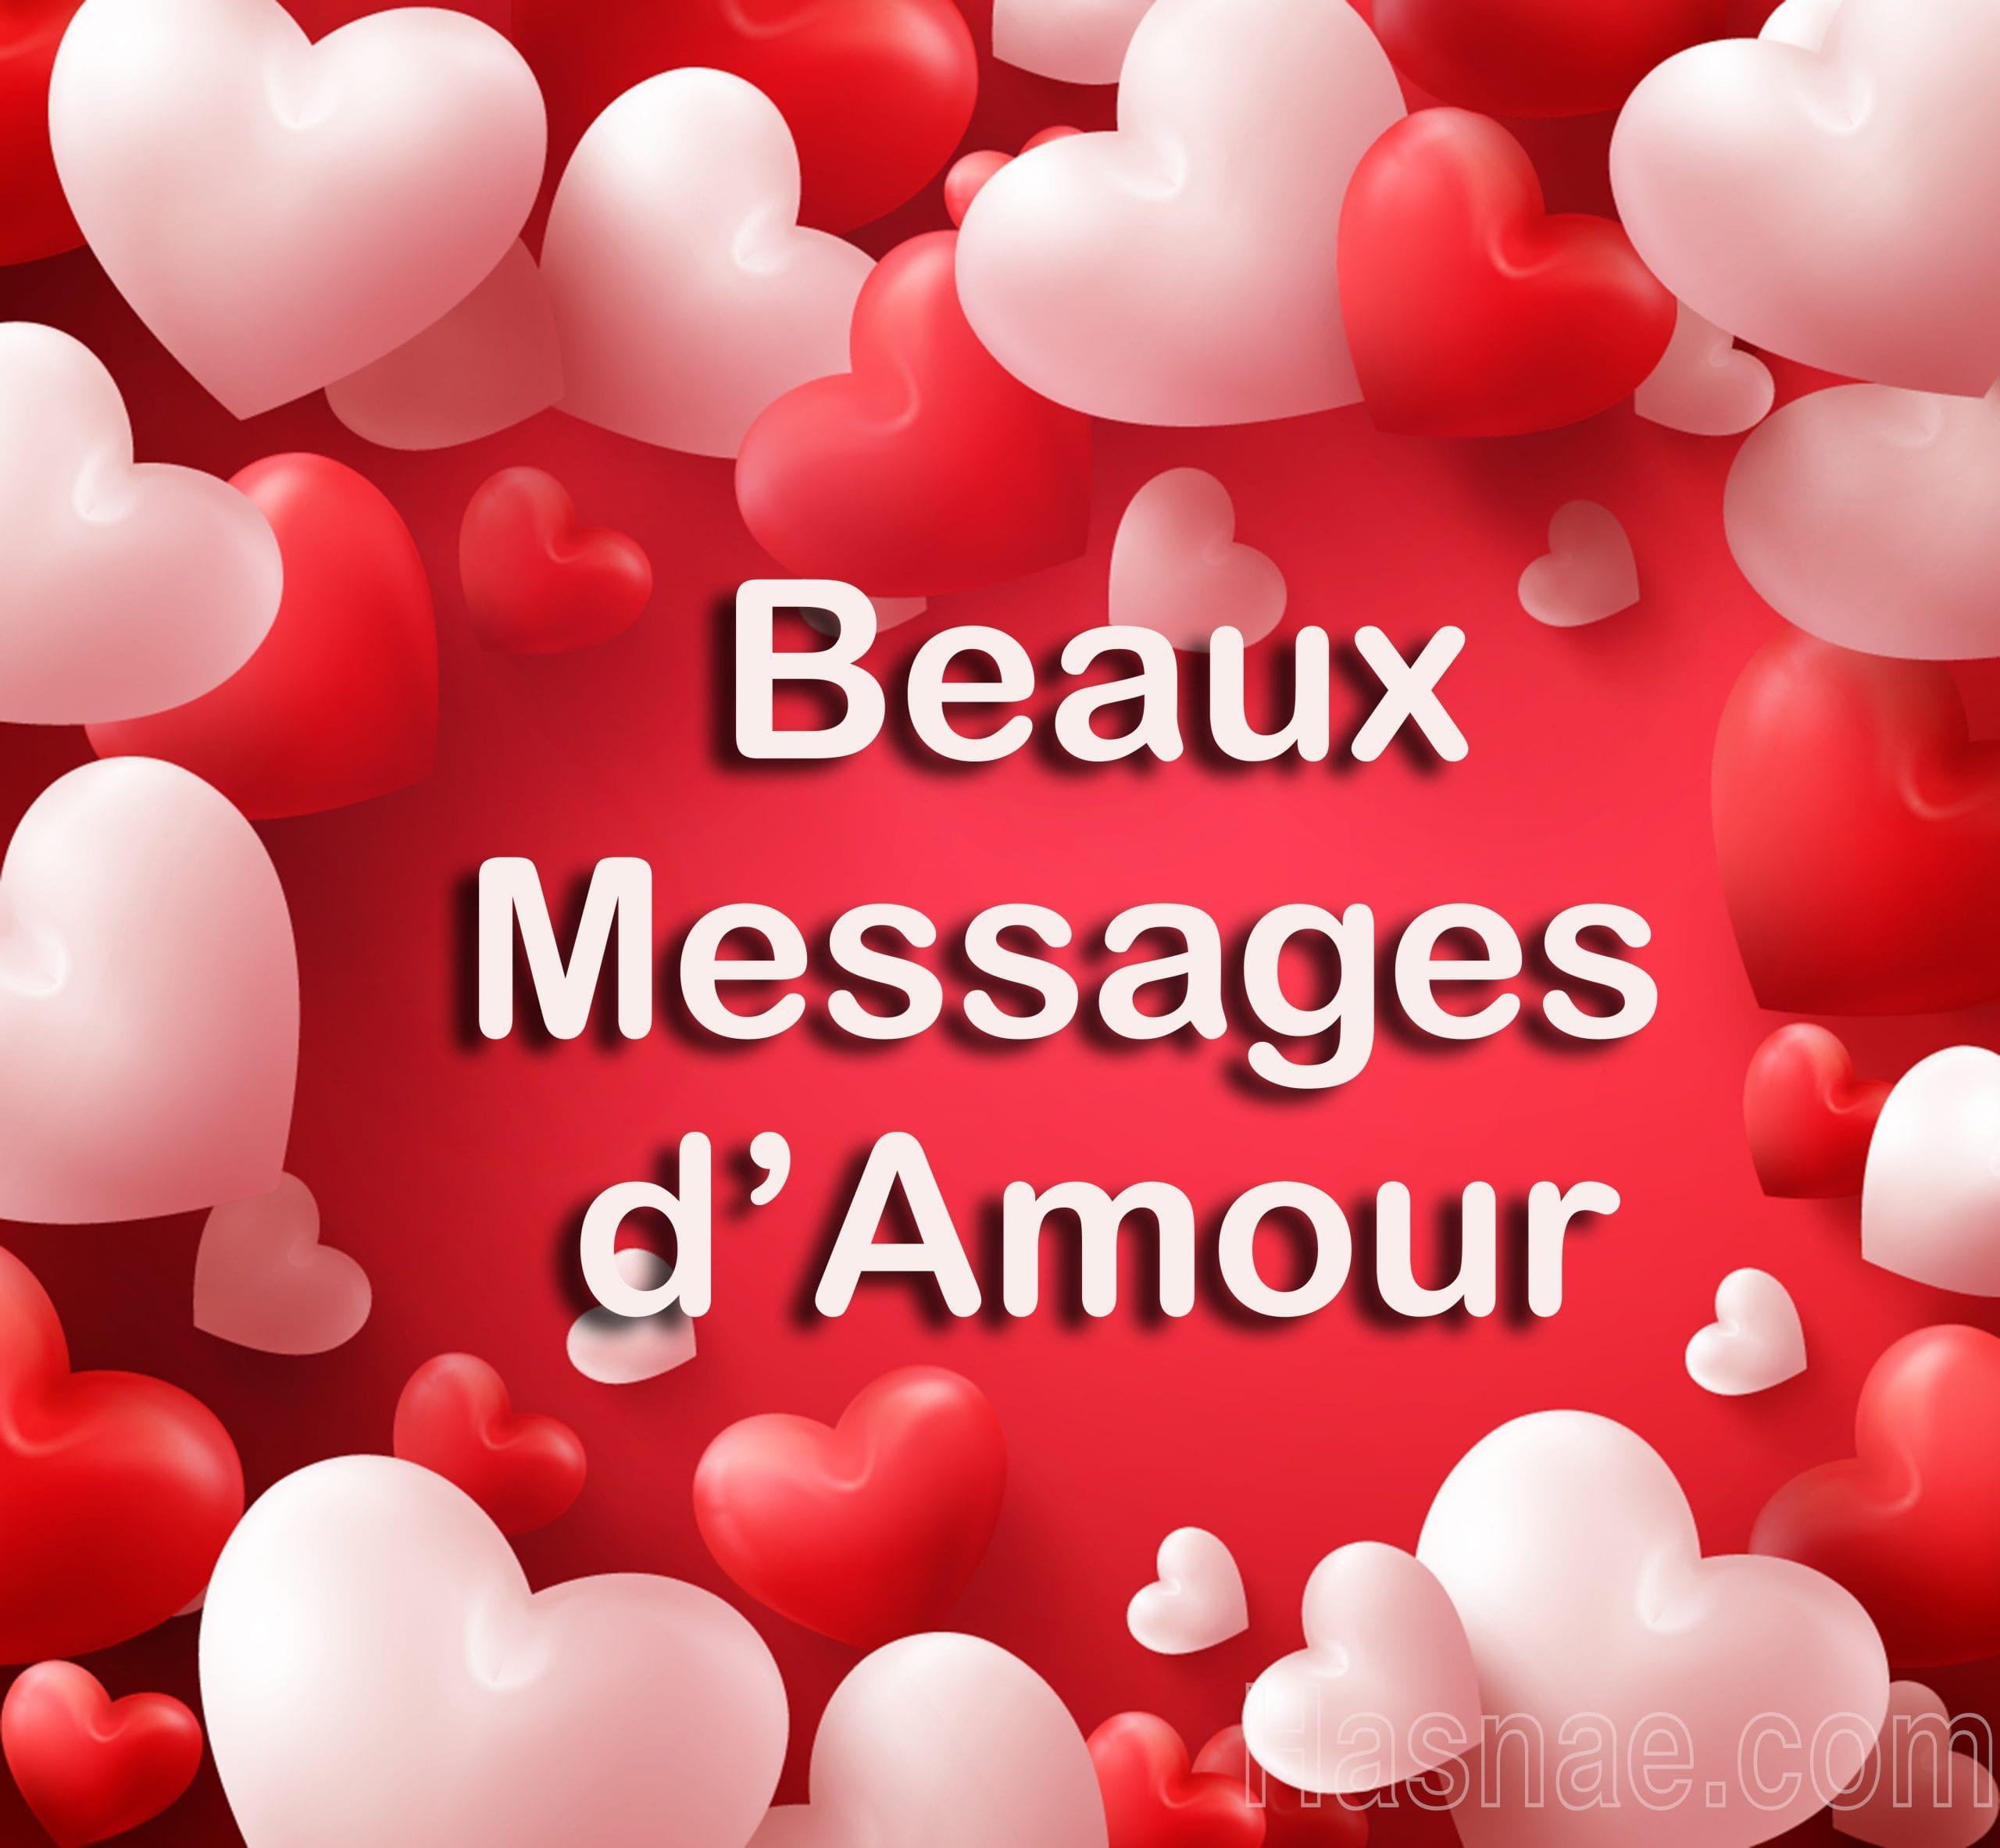 les plus beaux messages d amour pour la saint valentin 2018